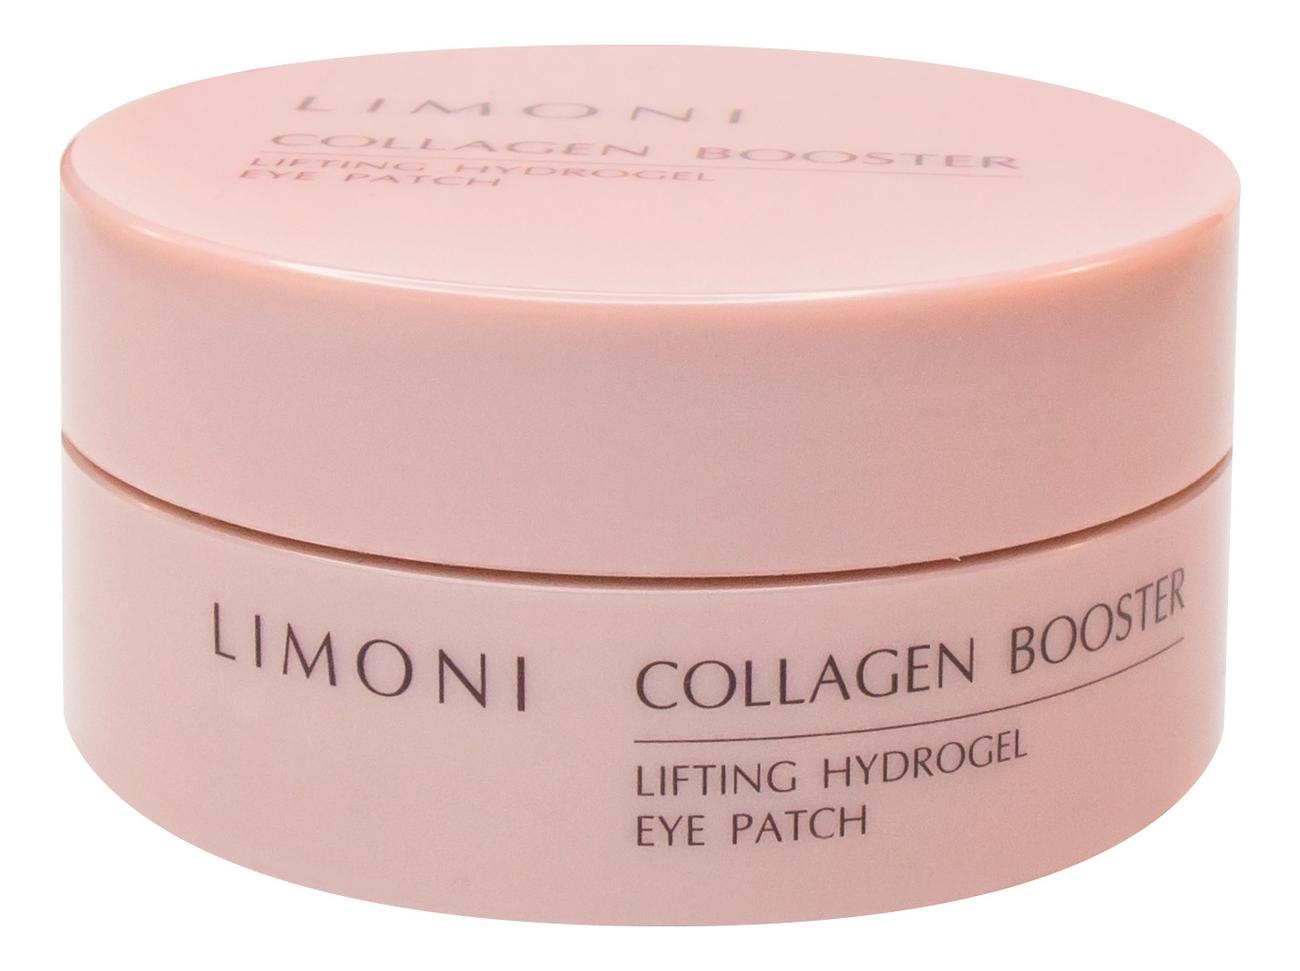 Гидрогелевые патчи для кожи вокруг глаз с коллагеном Collagen Booster Lifting Hydrogel Eye Patch 60шт недорого